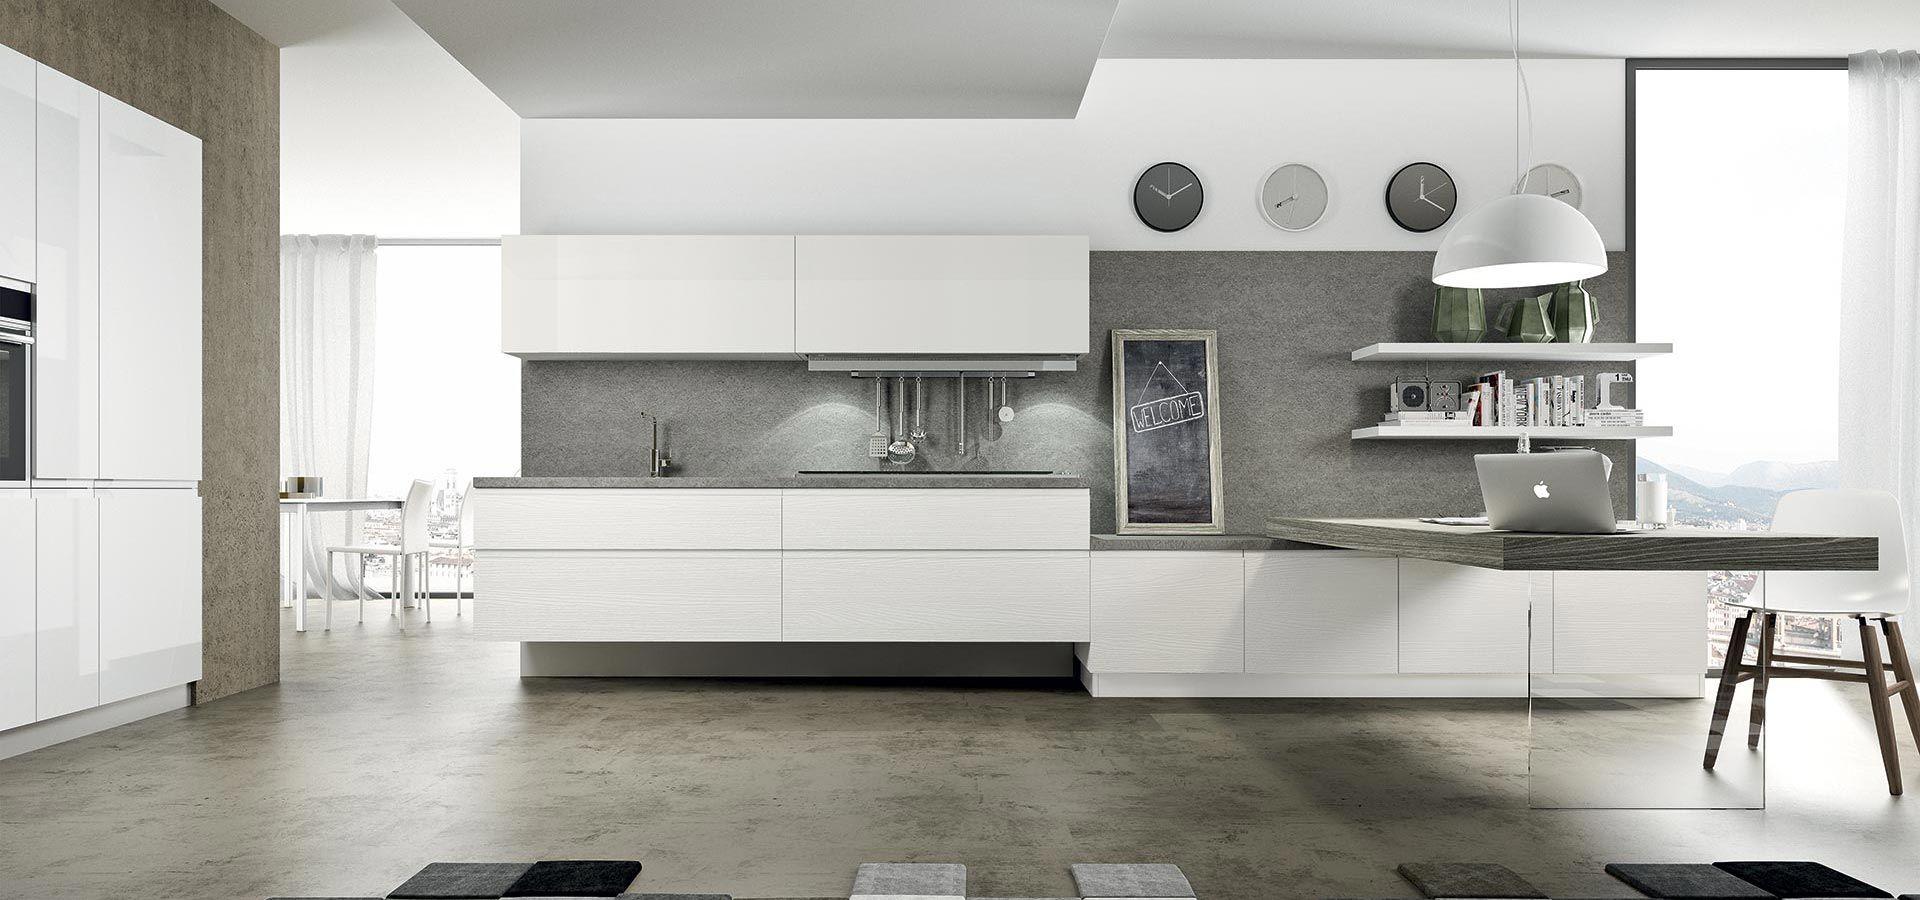 Cucina Moderna - Wega Finitura laminato bianco e laccato bianco ...